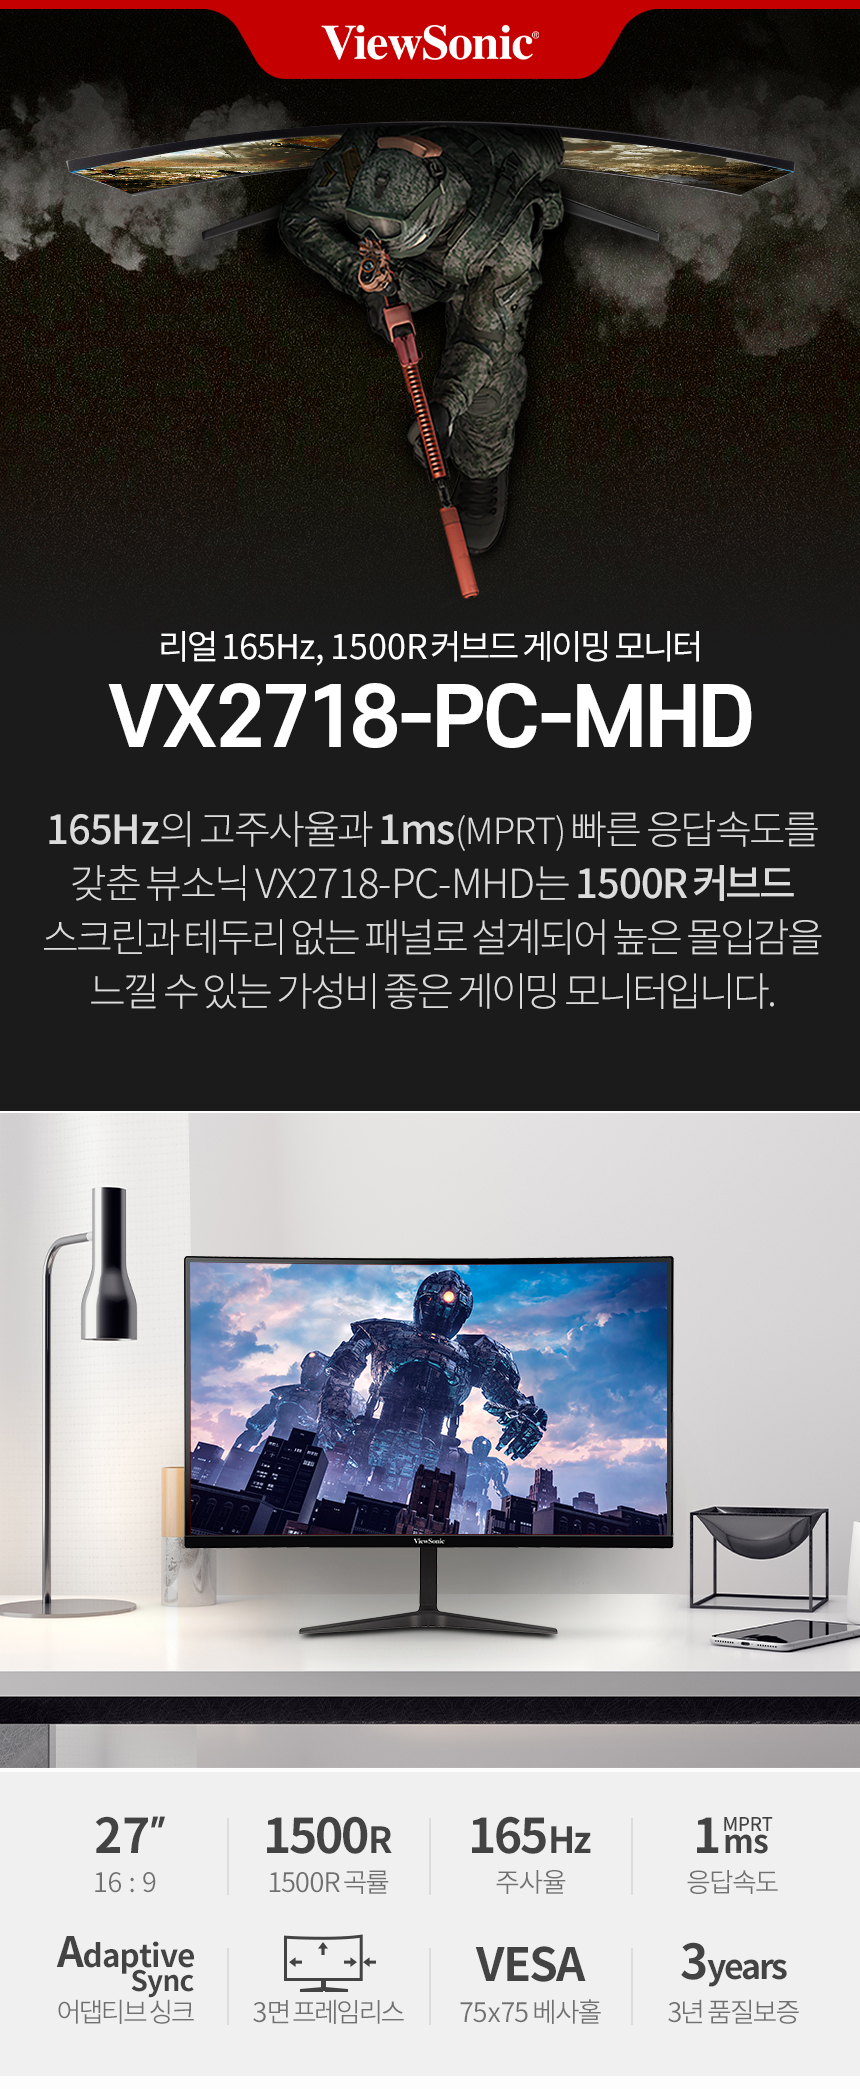 뷰소닉 VX2718-PC-MHD 1500R 커브드 리얼 165 게이밍 무결점